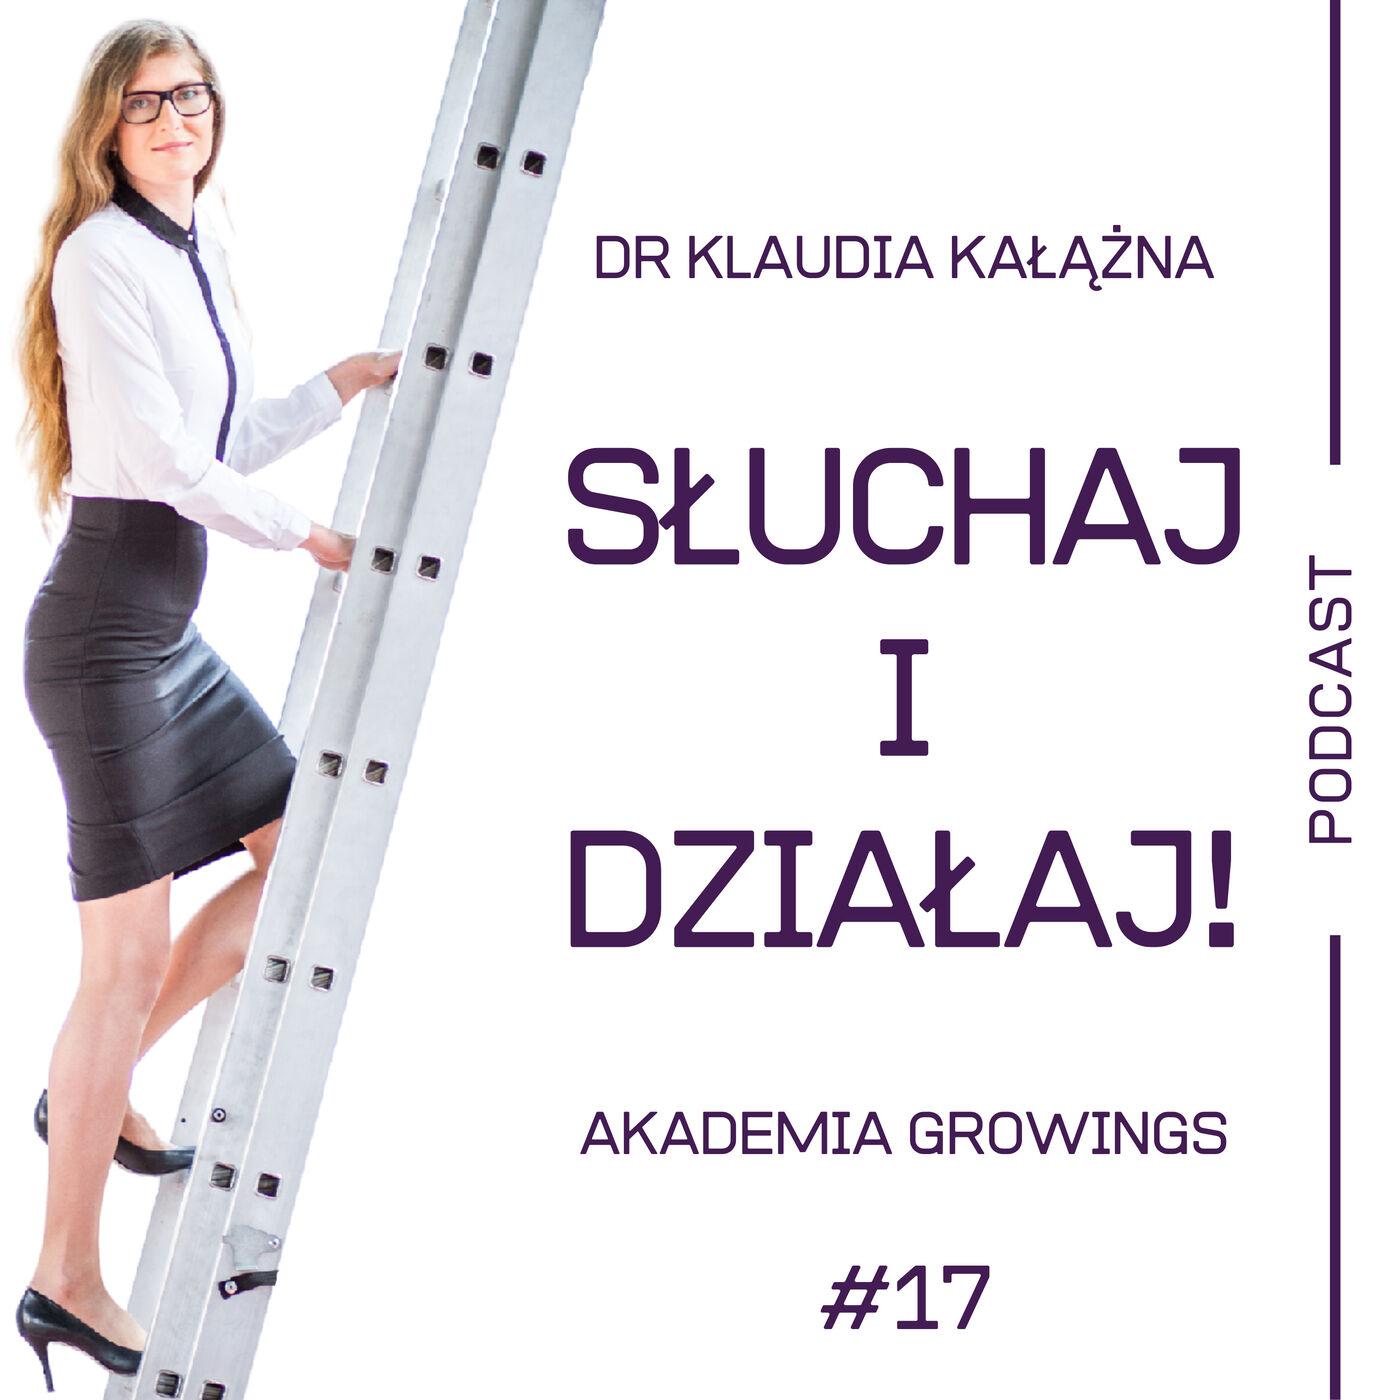 #17 SUPERMOCE: Jakie zadania w pracy lubisz wykonywać? Dopasuj pracę do stylu myślenia i więcej się nie męcz!